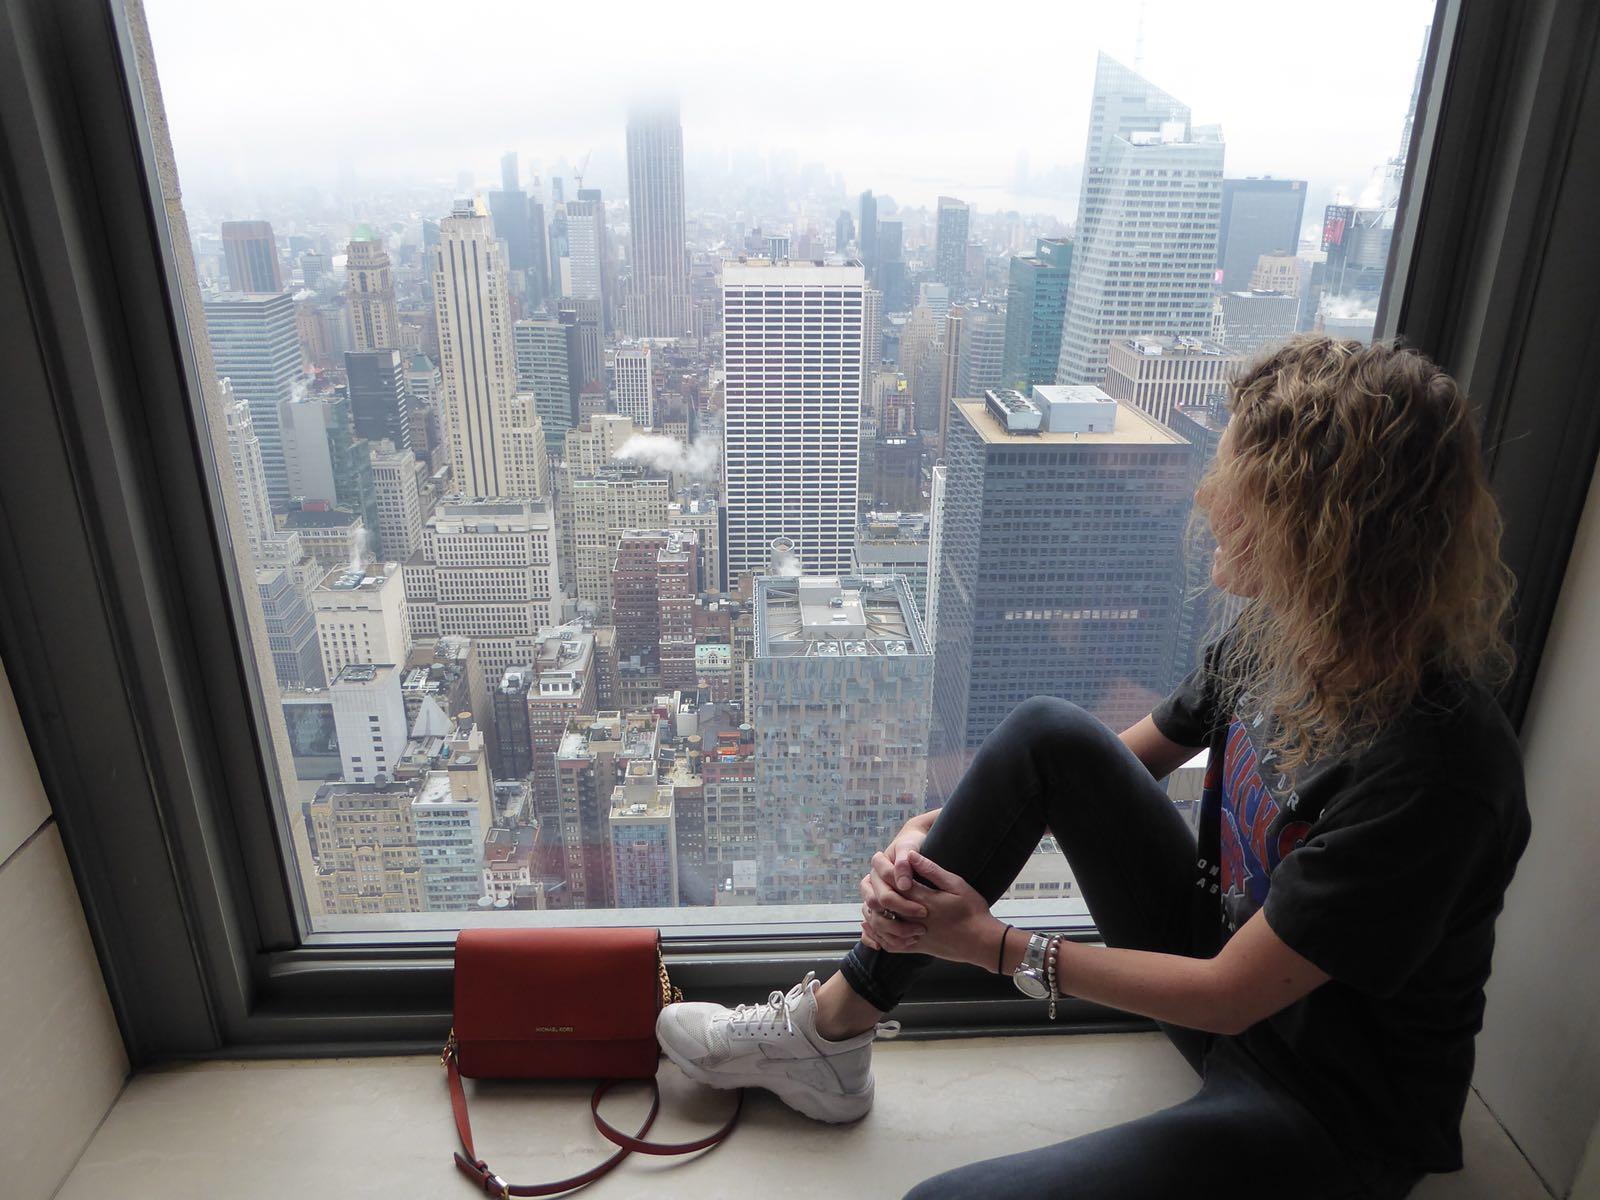 eerste keer New York